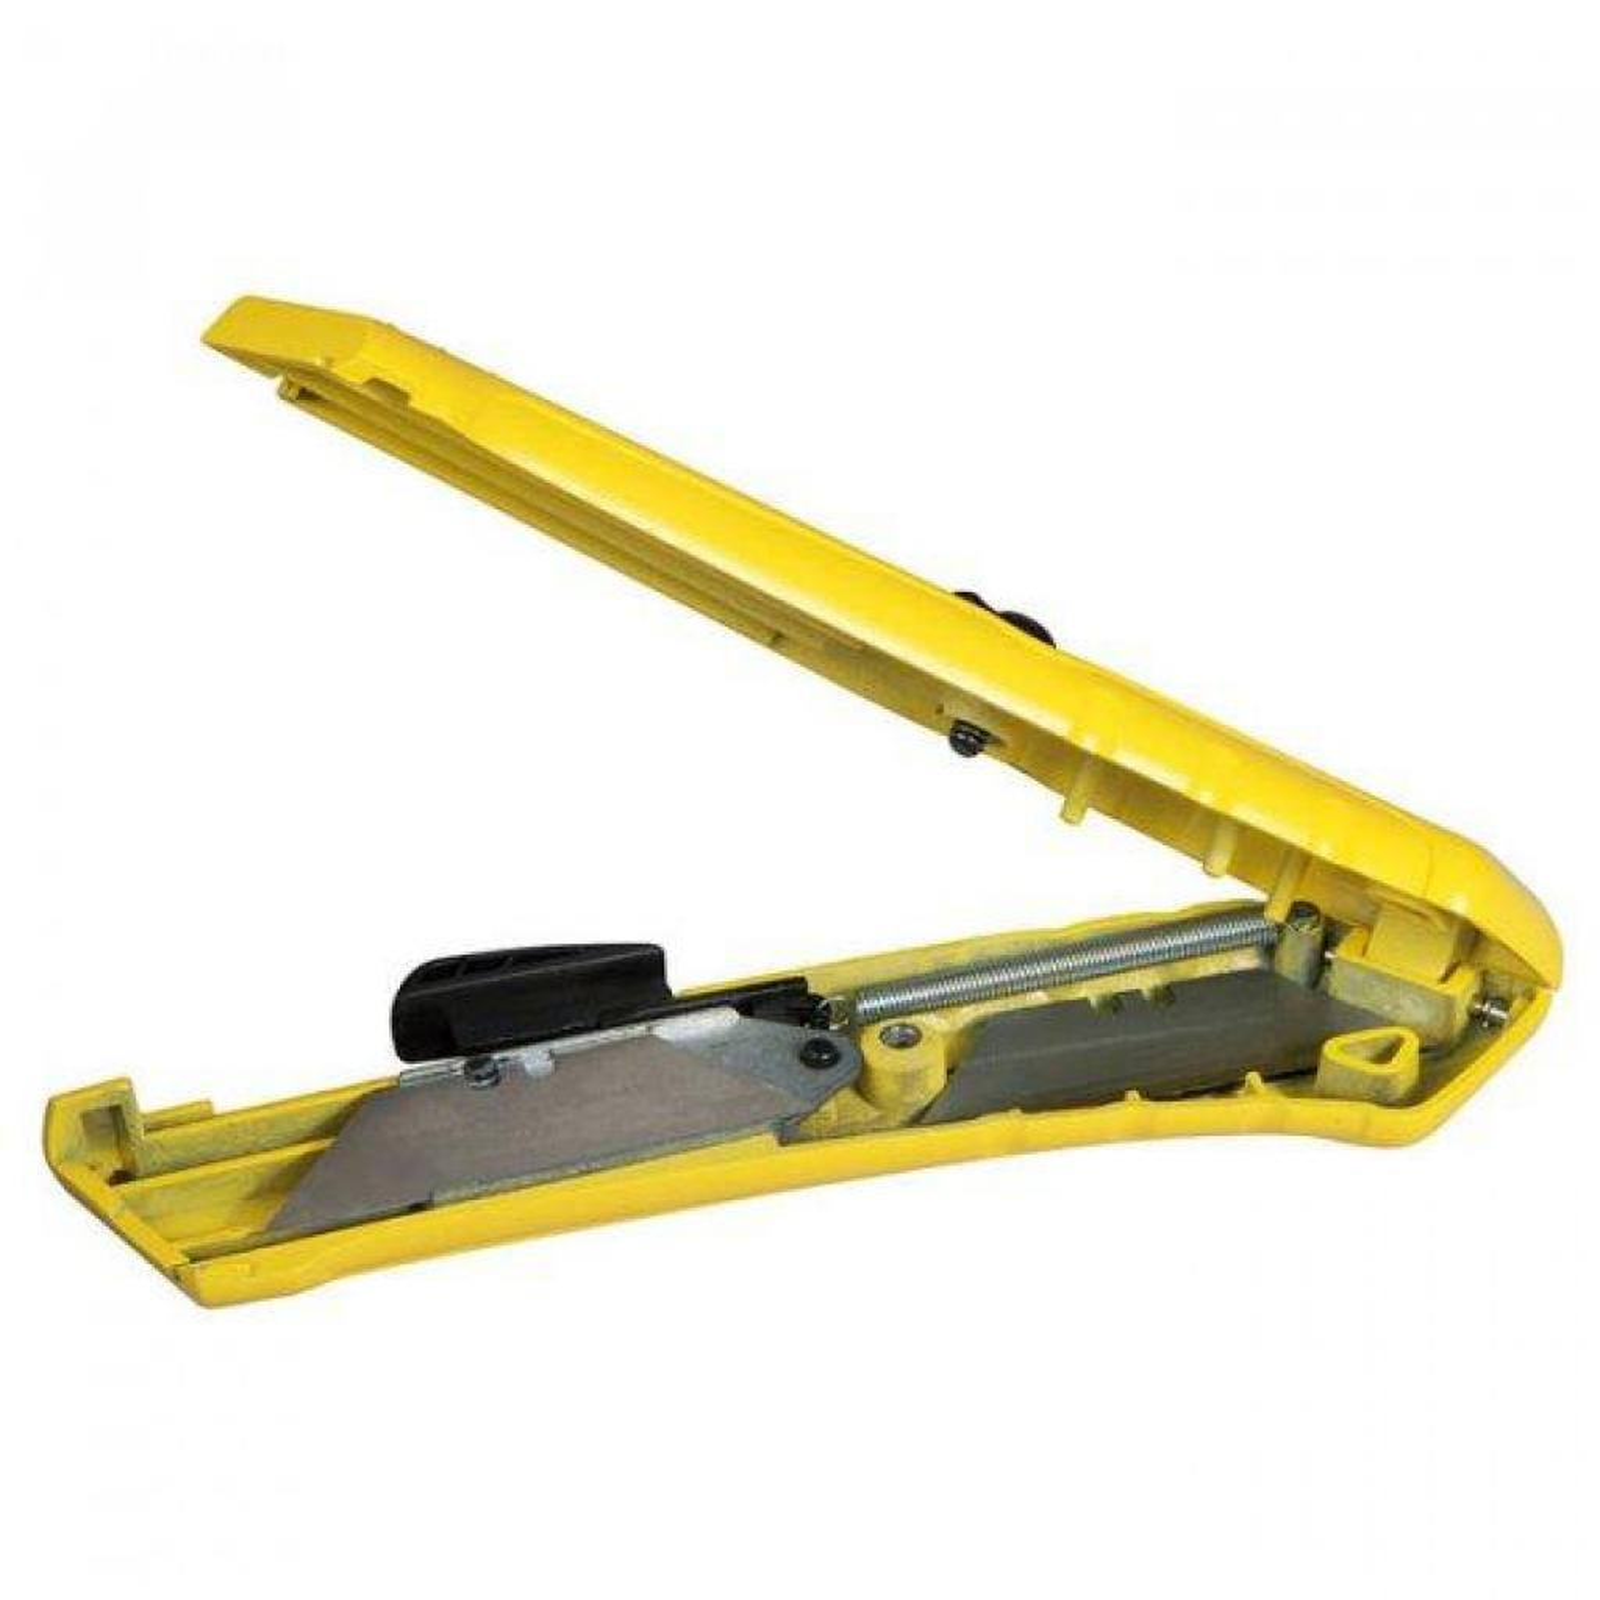 Нож монтажный Stanley безопасный для отделочных работ, L=165мм. (STHT0-10193) изображение 4